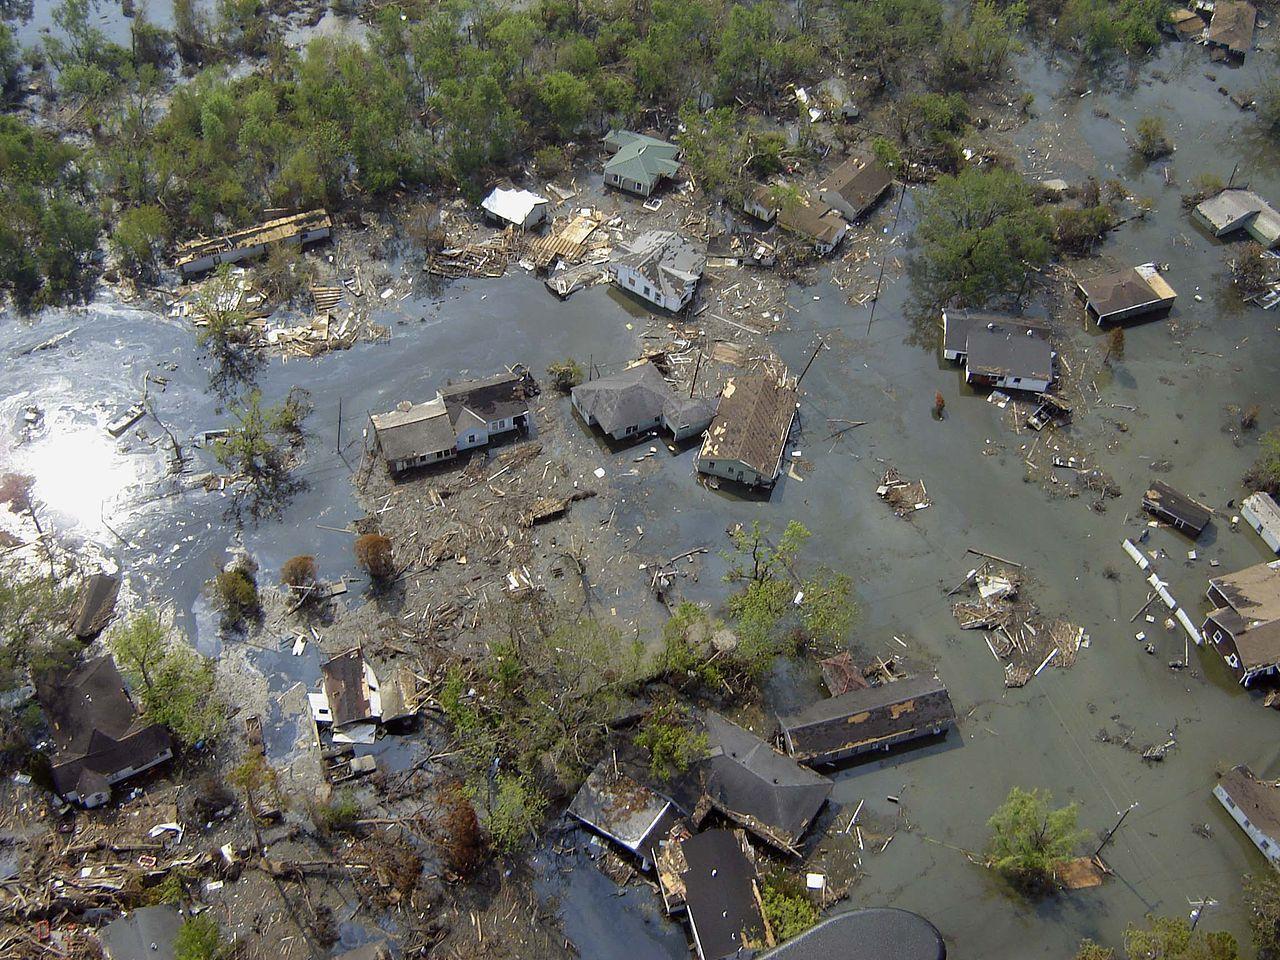 1280px-Katrina-port-sulphur-la-2005